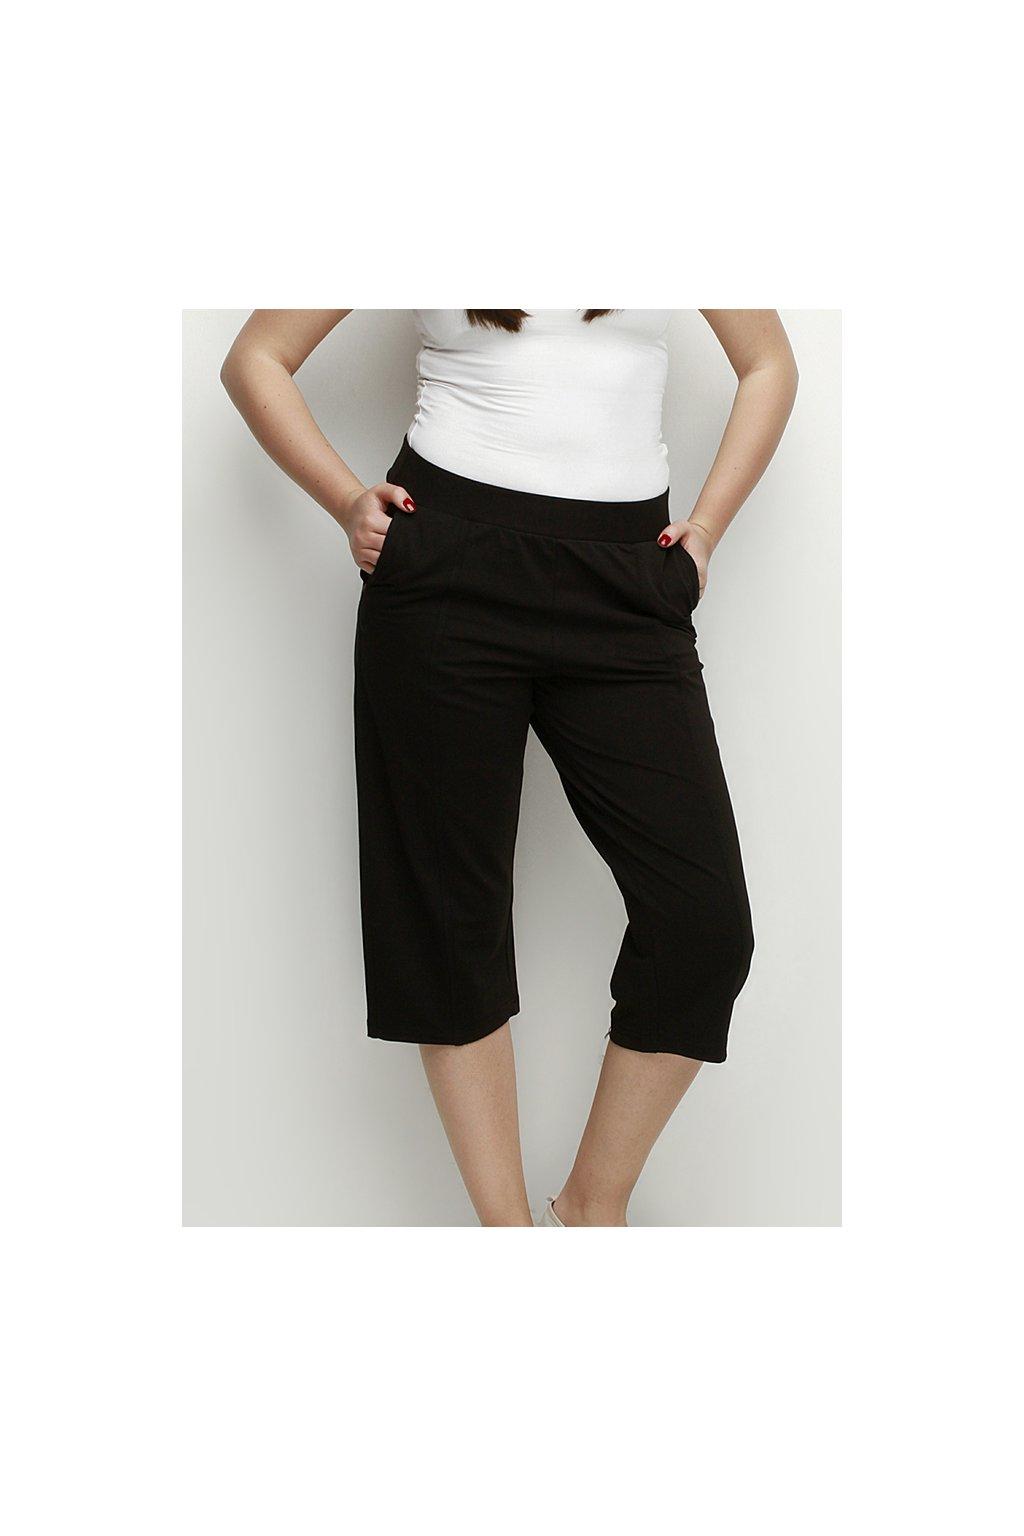 Sportovní 3:4 kalhoty Zoe v různých barvách 3